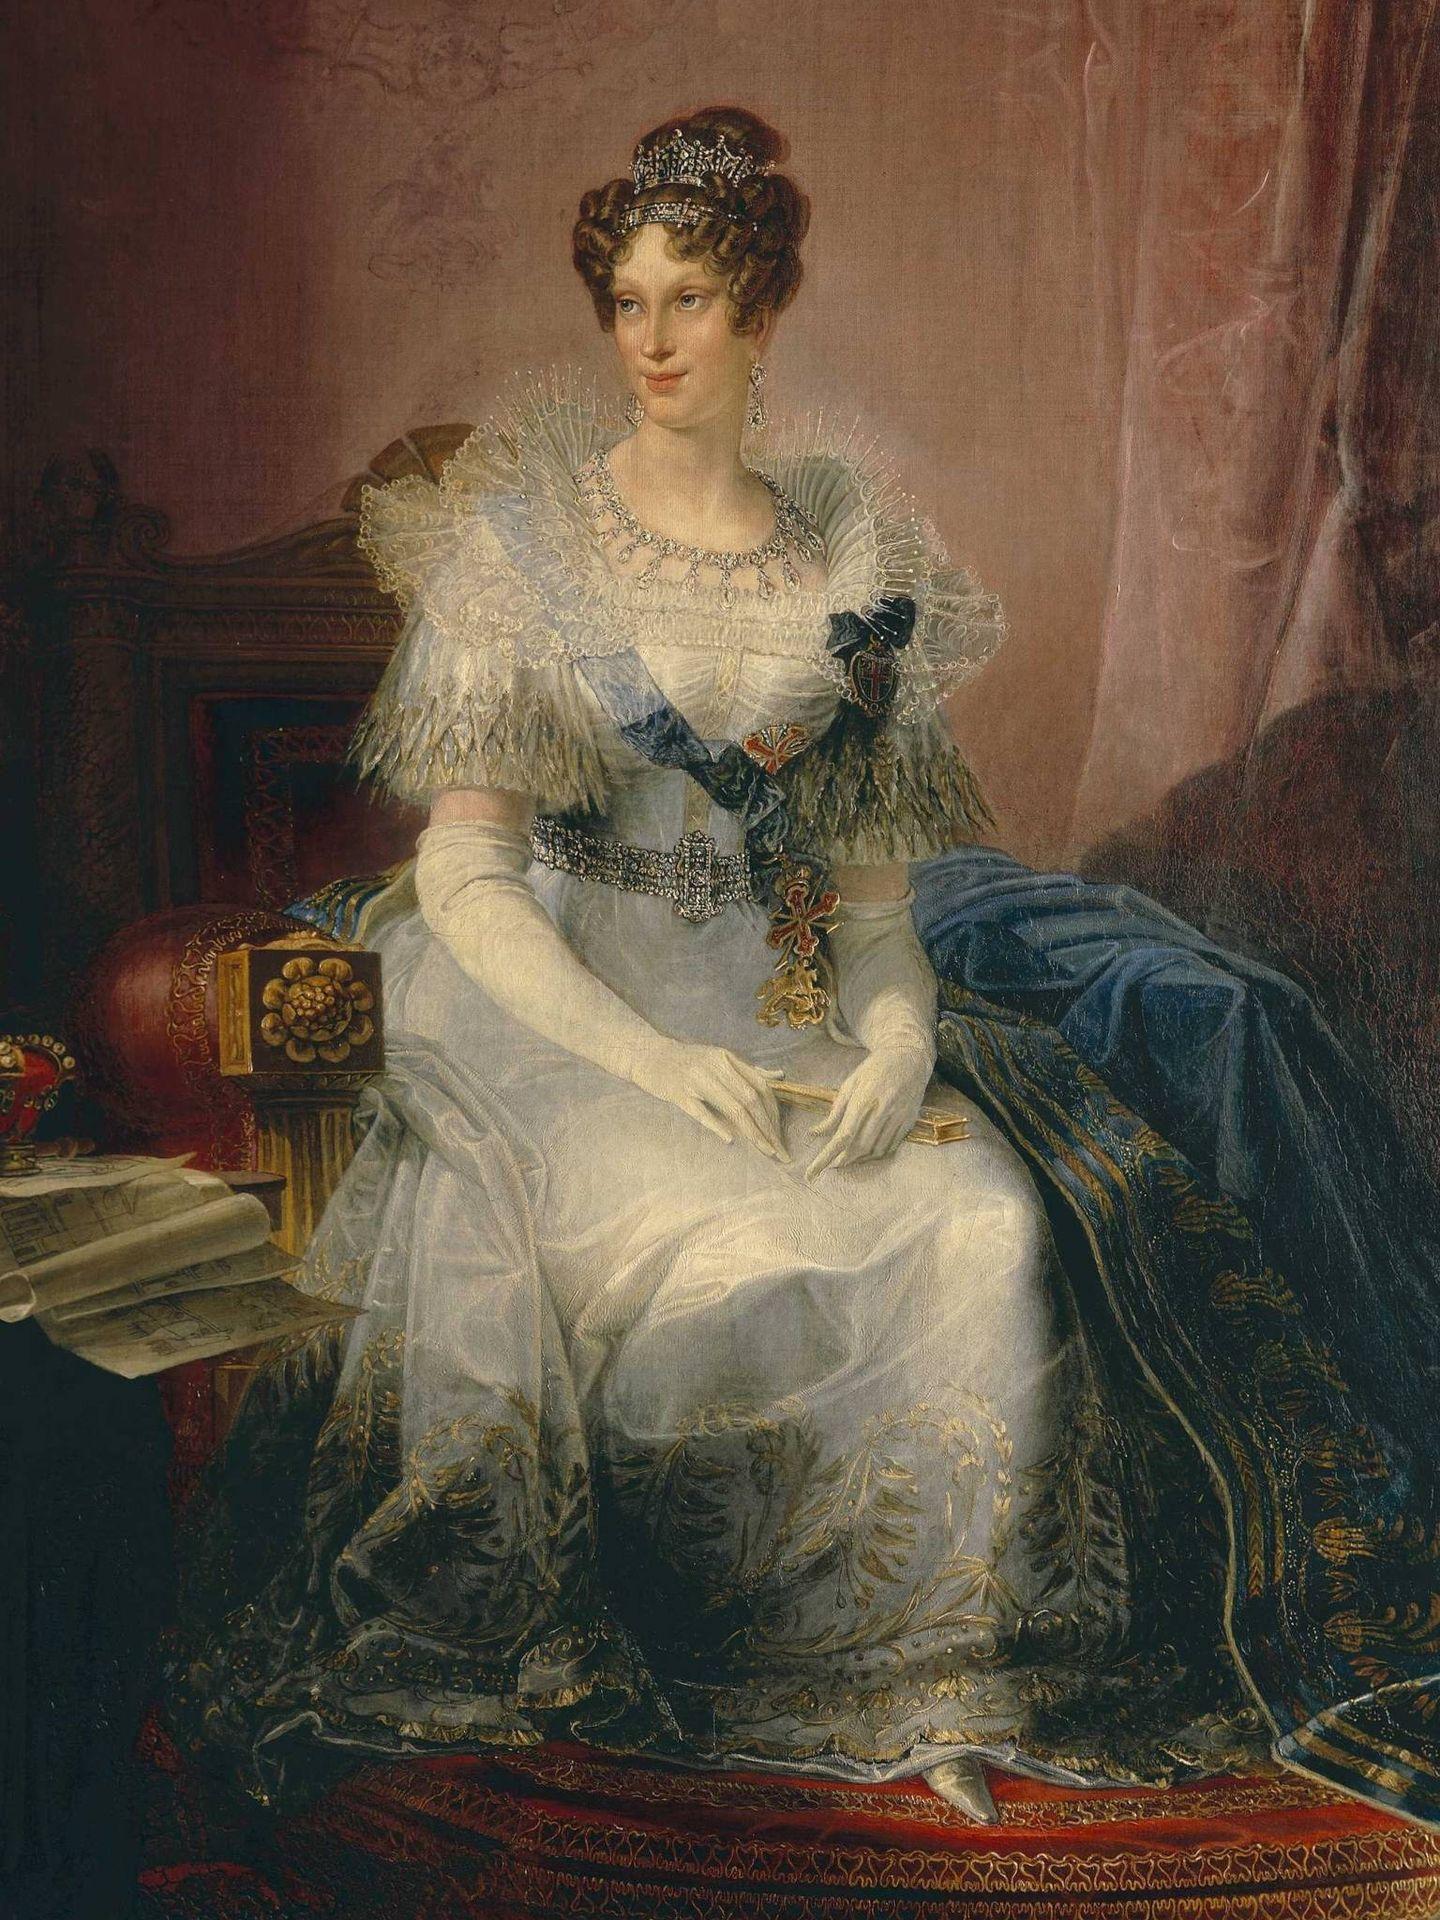 Retrato de Maria Luisa de Austria pintado por Giovan Battista. (Cordon Pess)